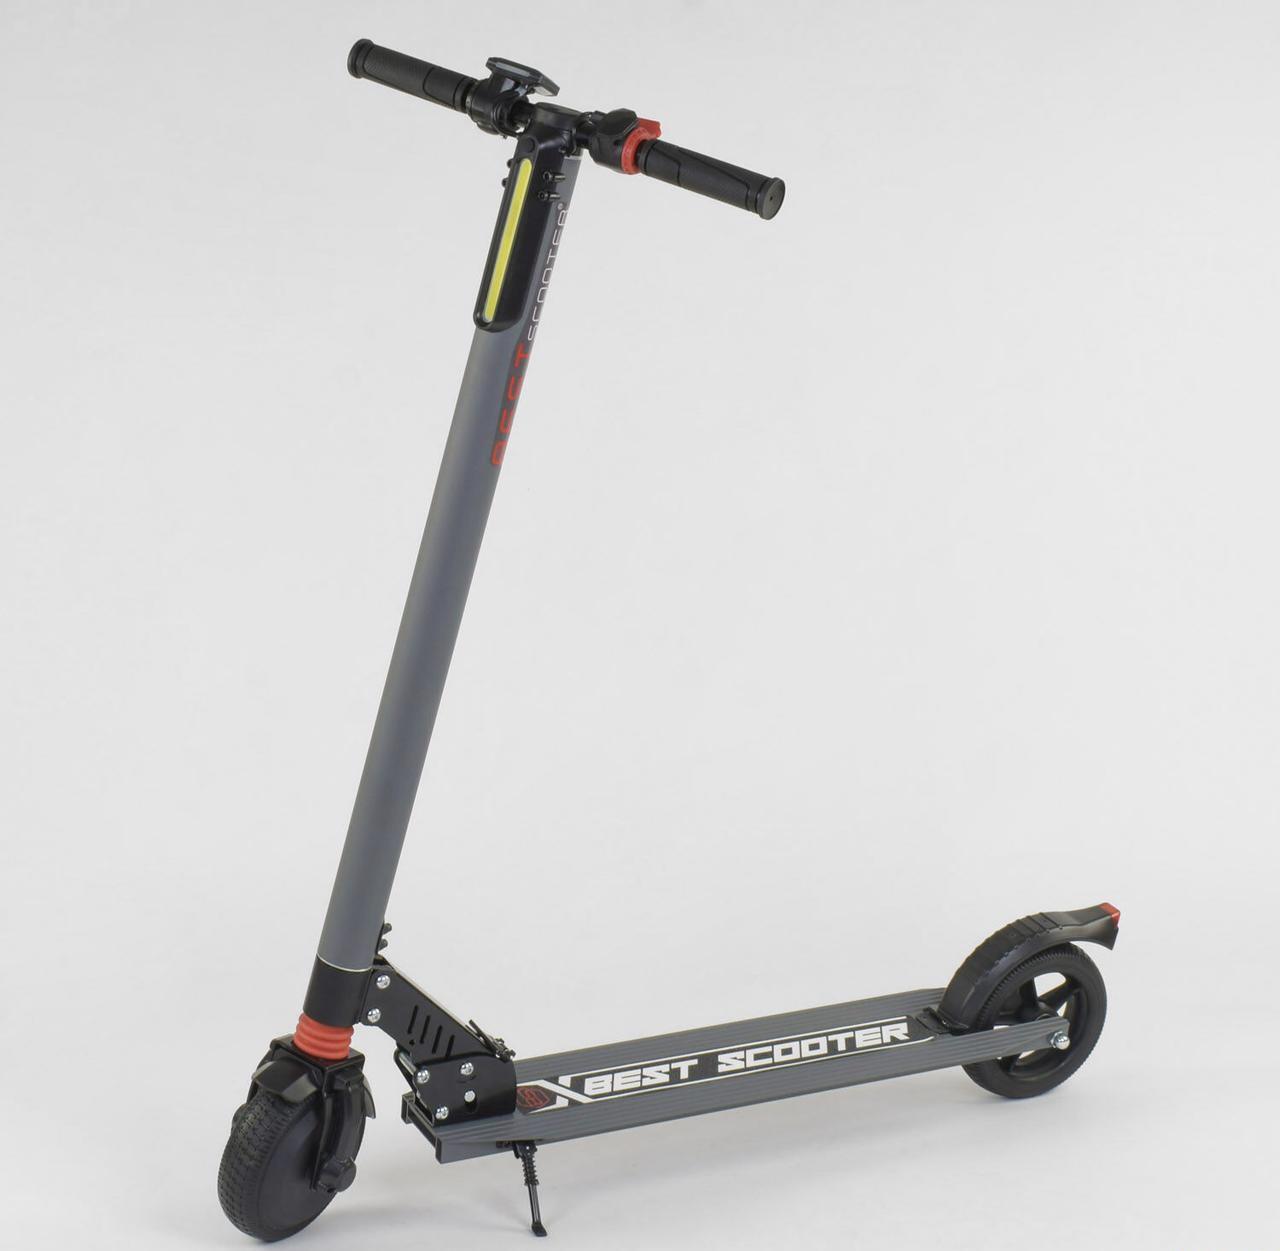 Електросамокат 83325 Best Scooter колеса 6,5 колір Сірий